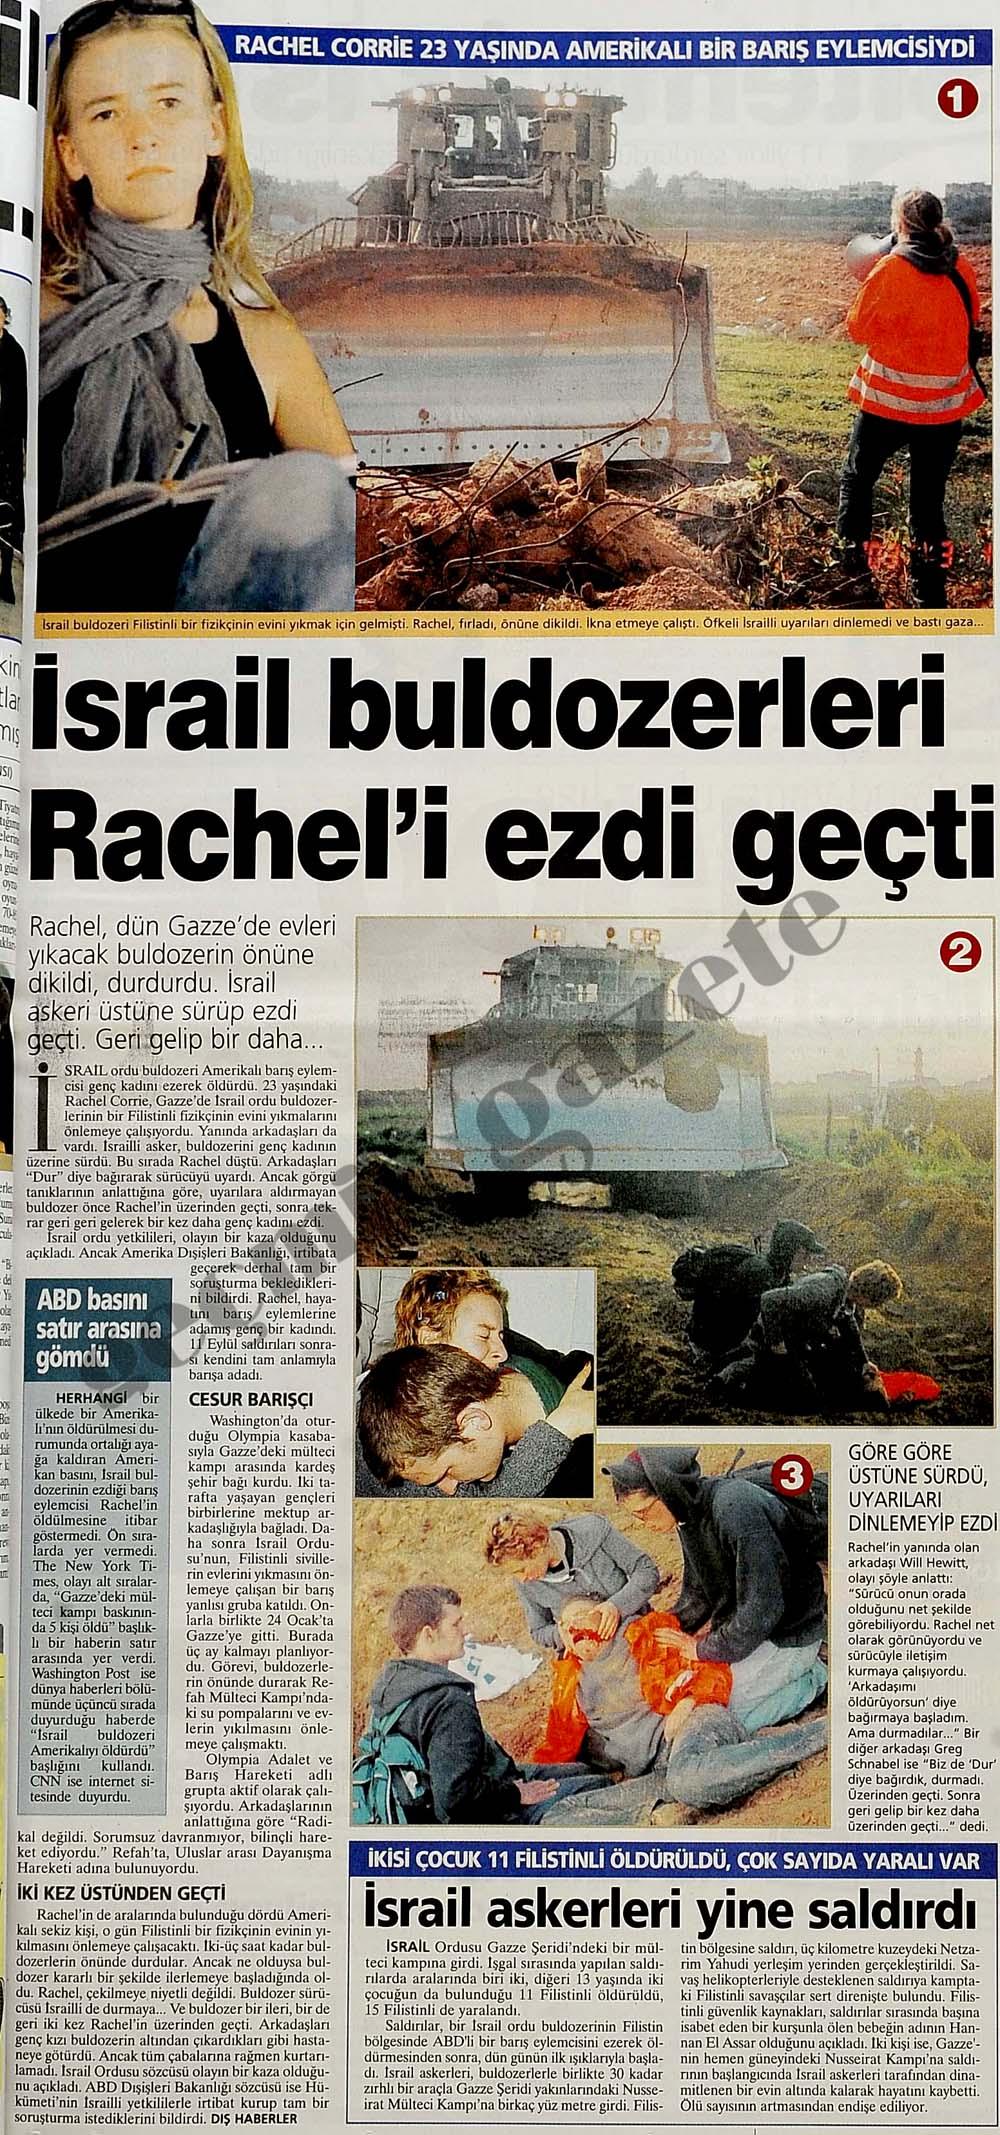 İsrail buldozerleri Rachel'i ezdi geçti